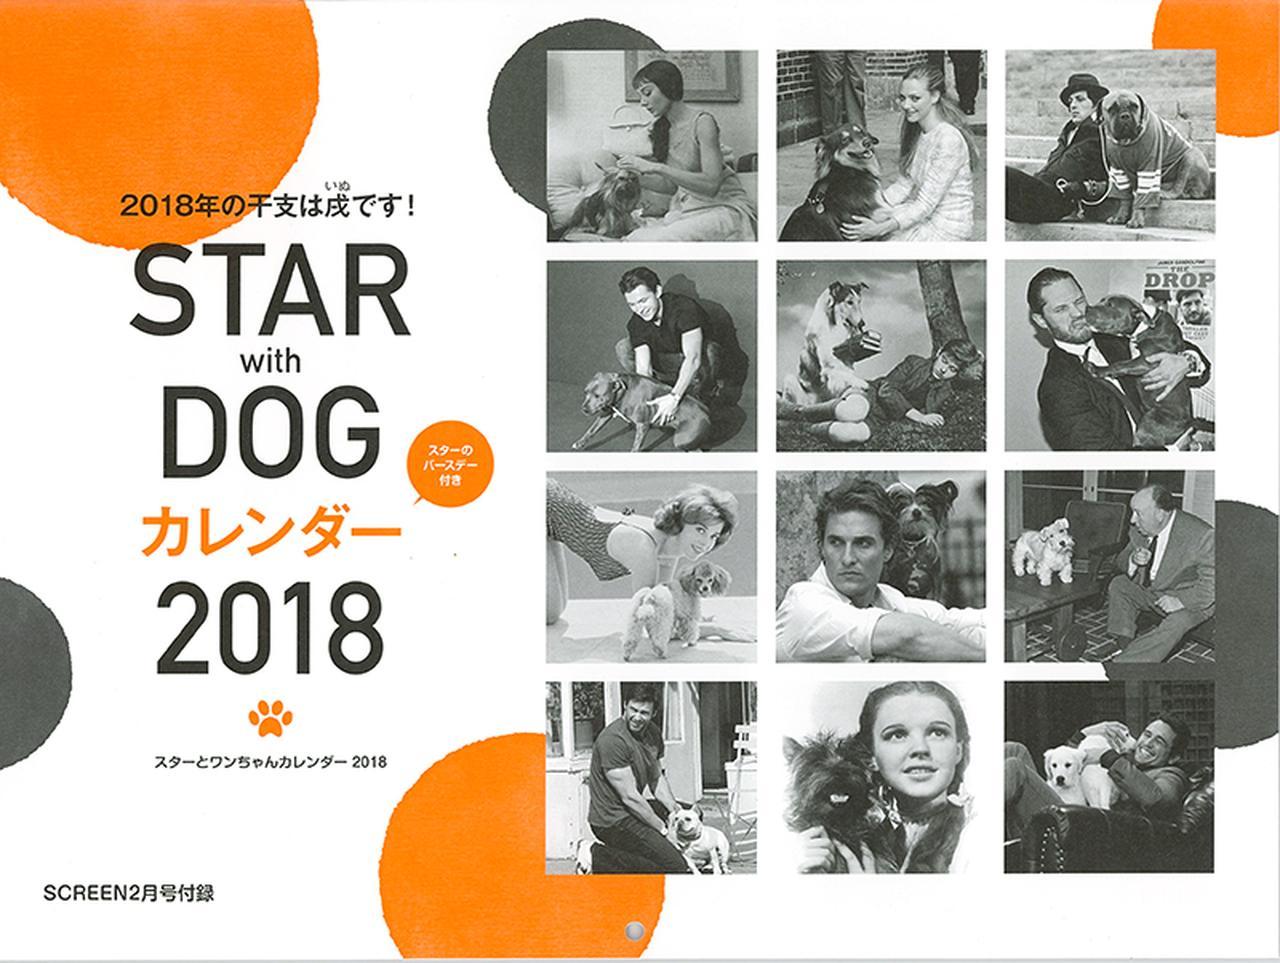 画像: 付録:スターとワンちゃん カレンダー2018